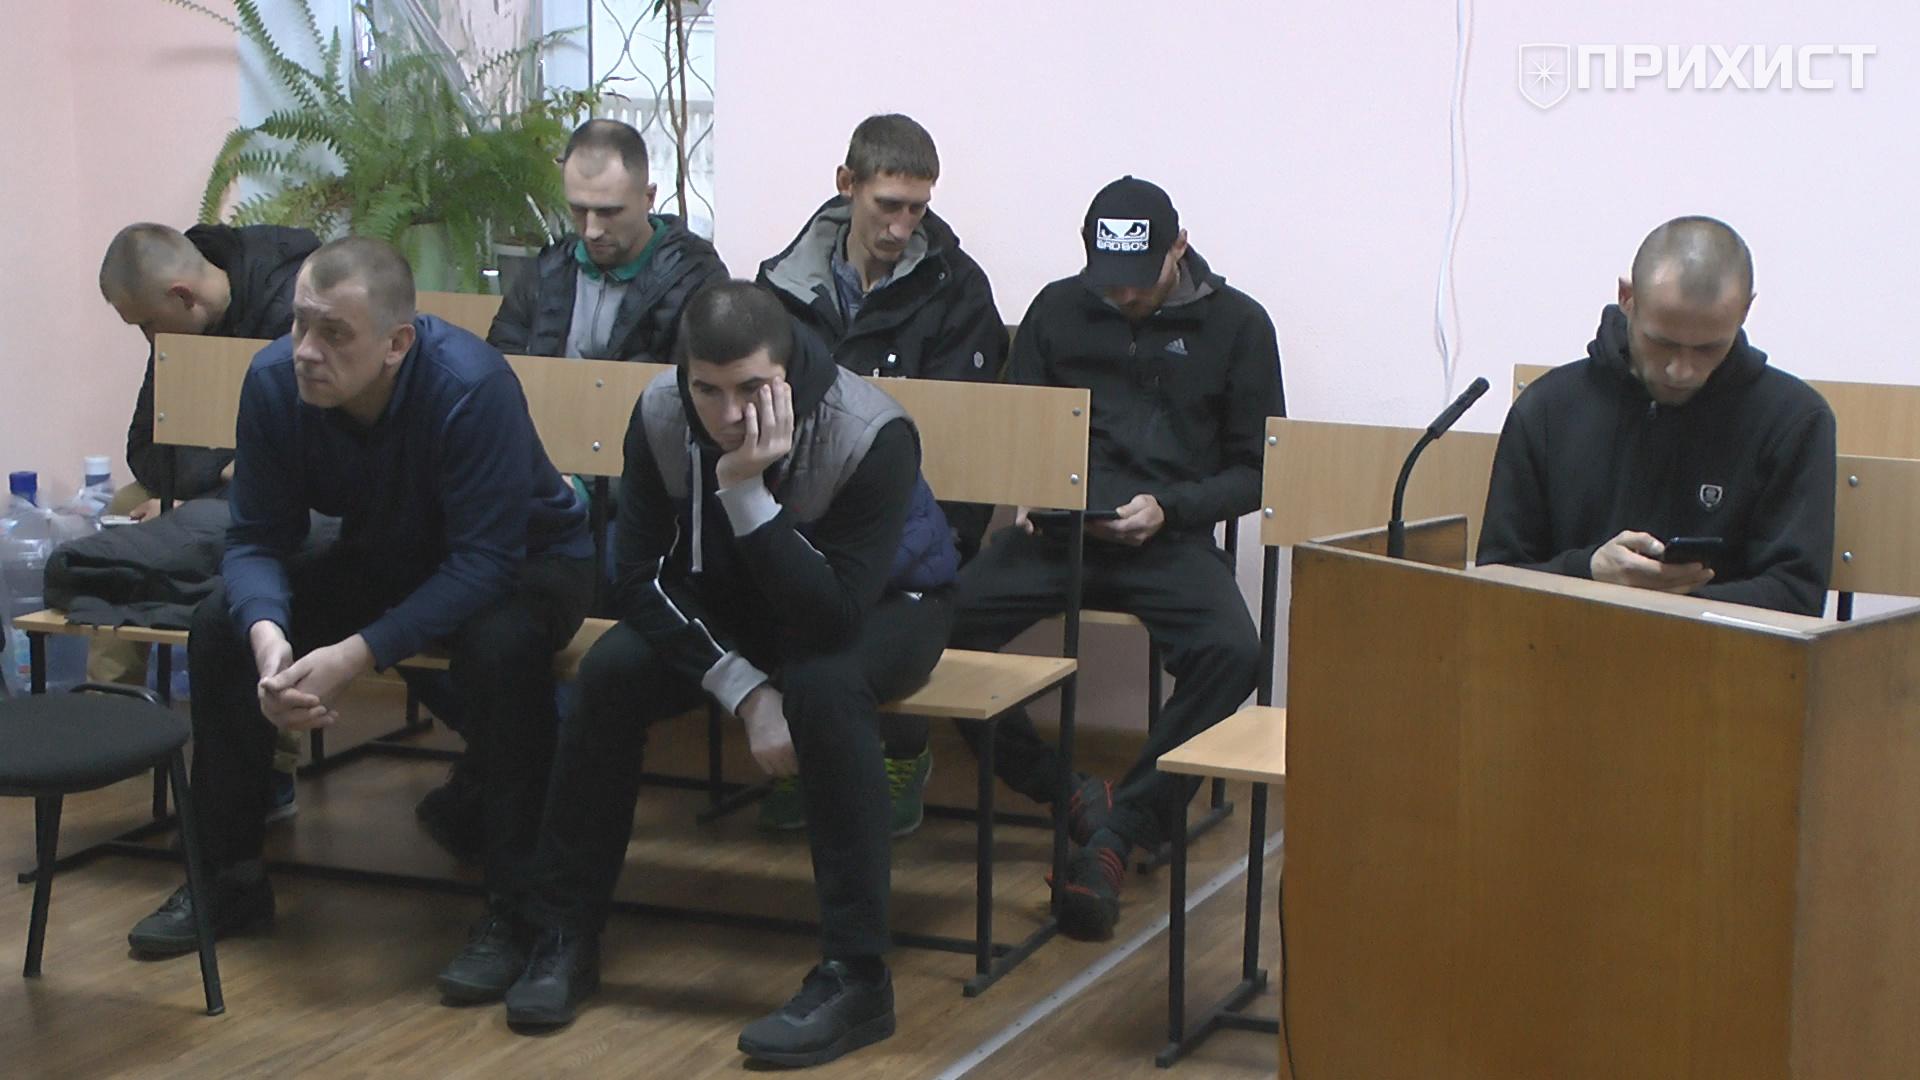 У подозреваемых в двойном убийстве истек срок действия домашнего ареста   Прихист